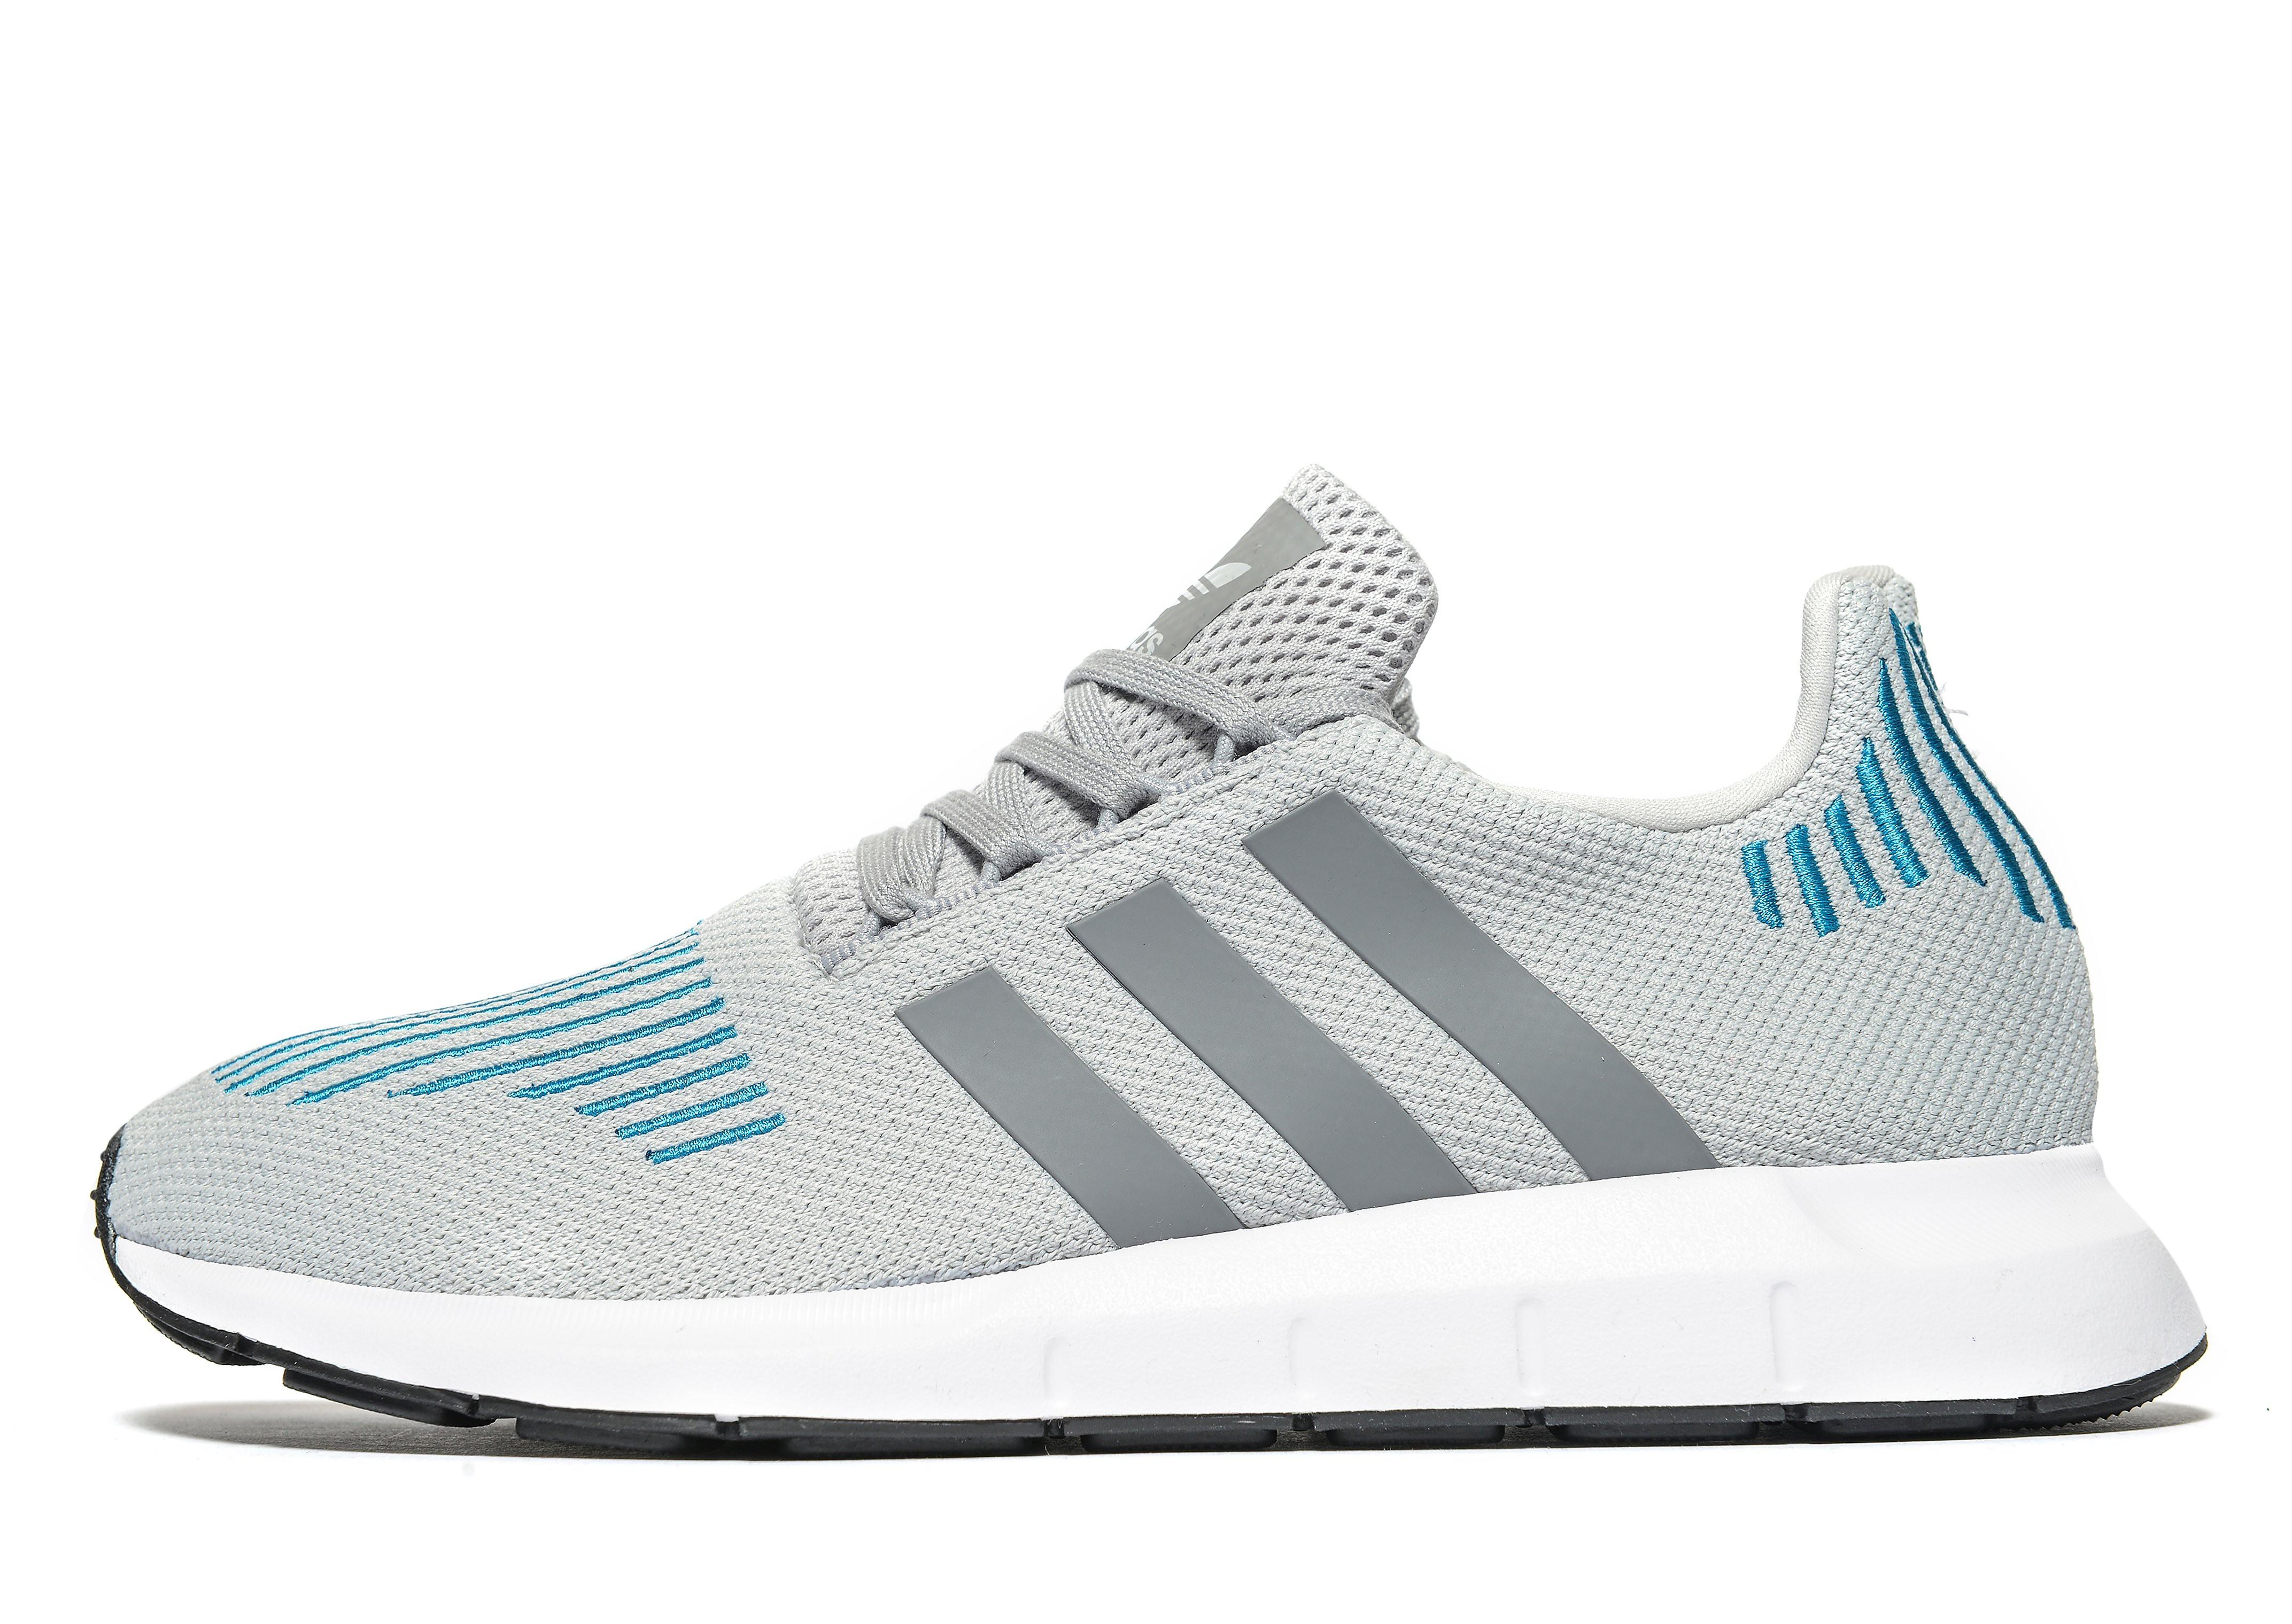 adidas Originals Swift Run Homme - Grey/Blue/White, Grey/Blue/White